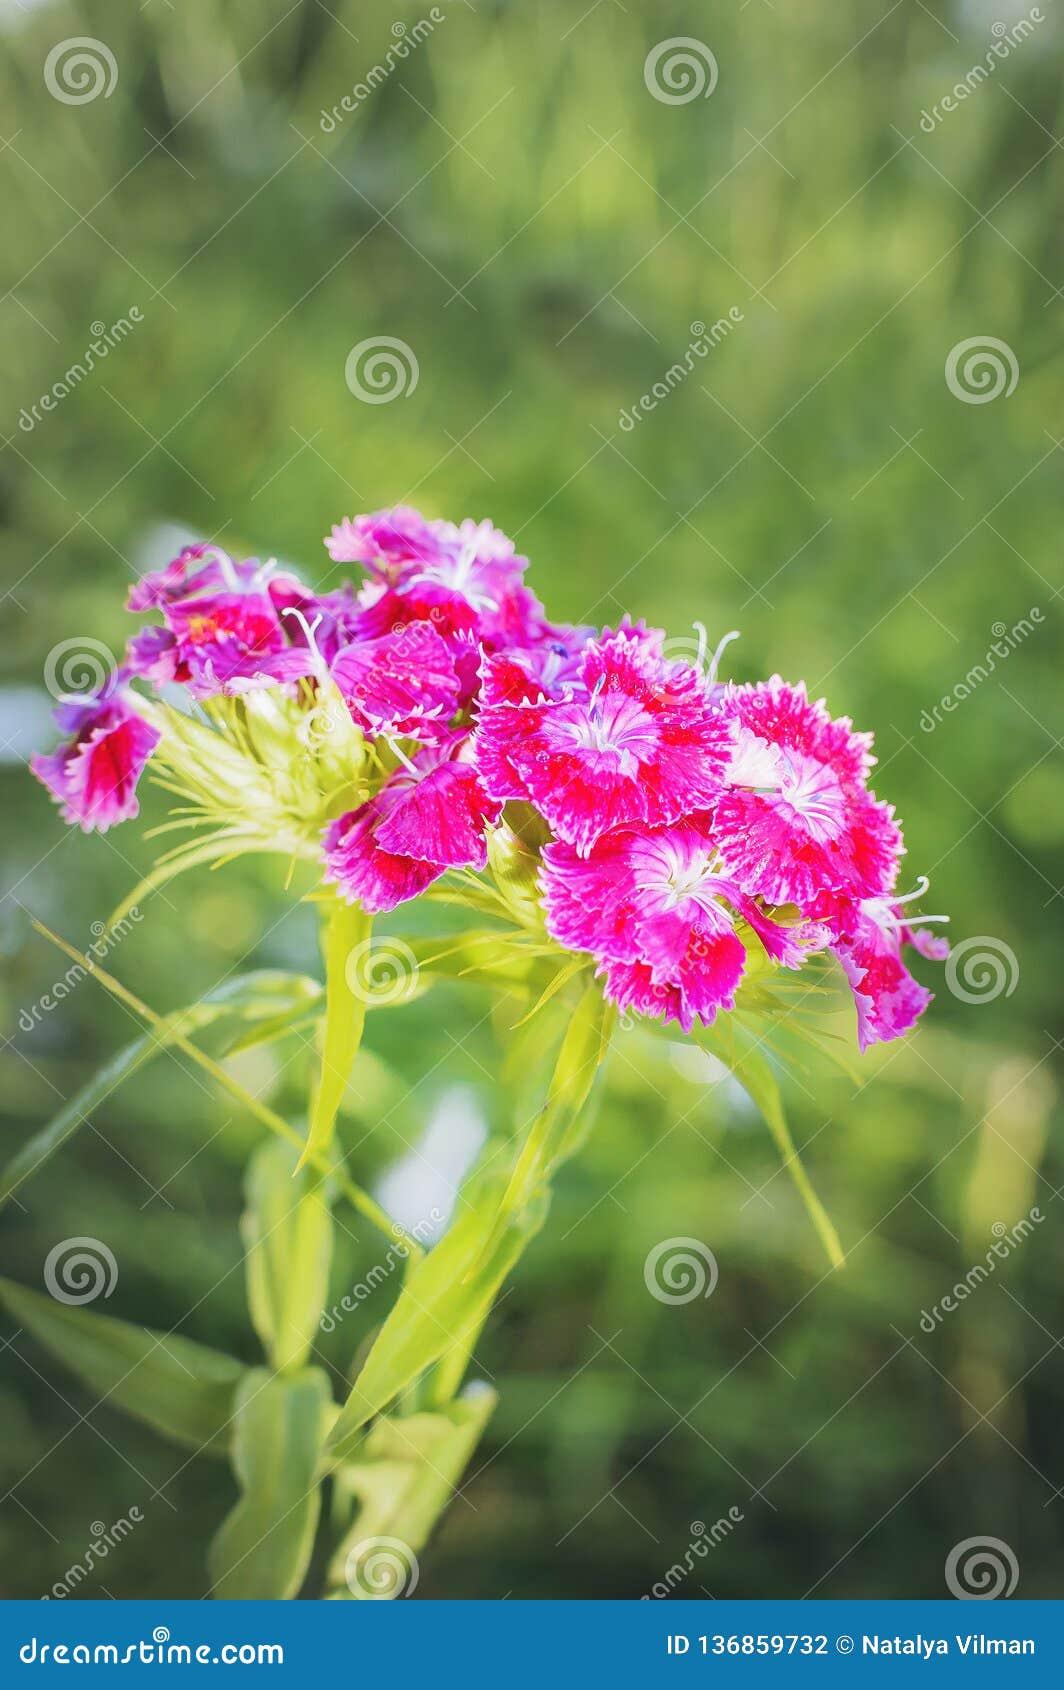 Blume mit blühenden Gartennelkenblumen Vertikale Fotographie